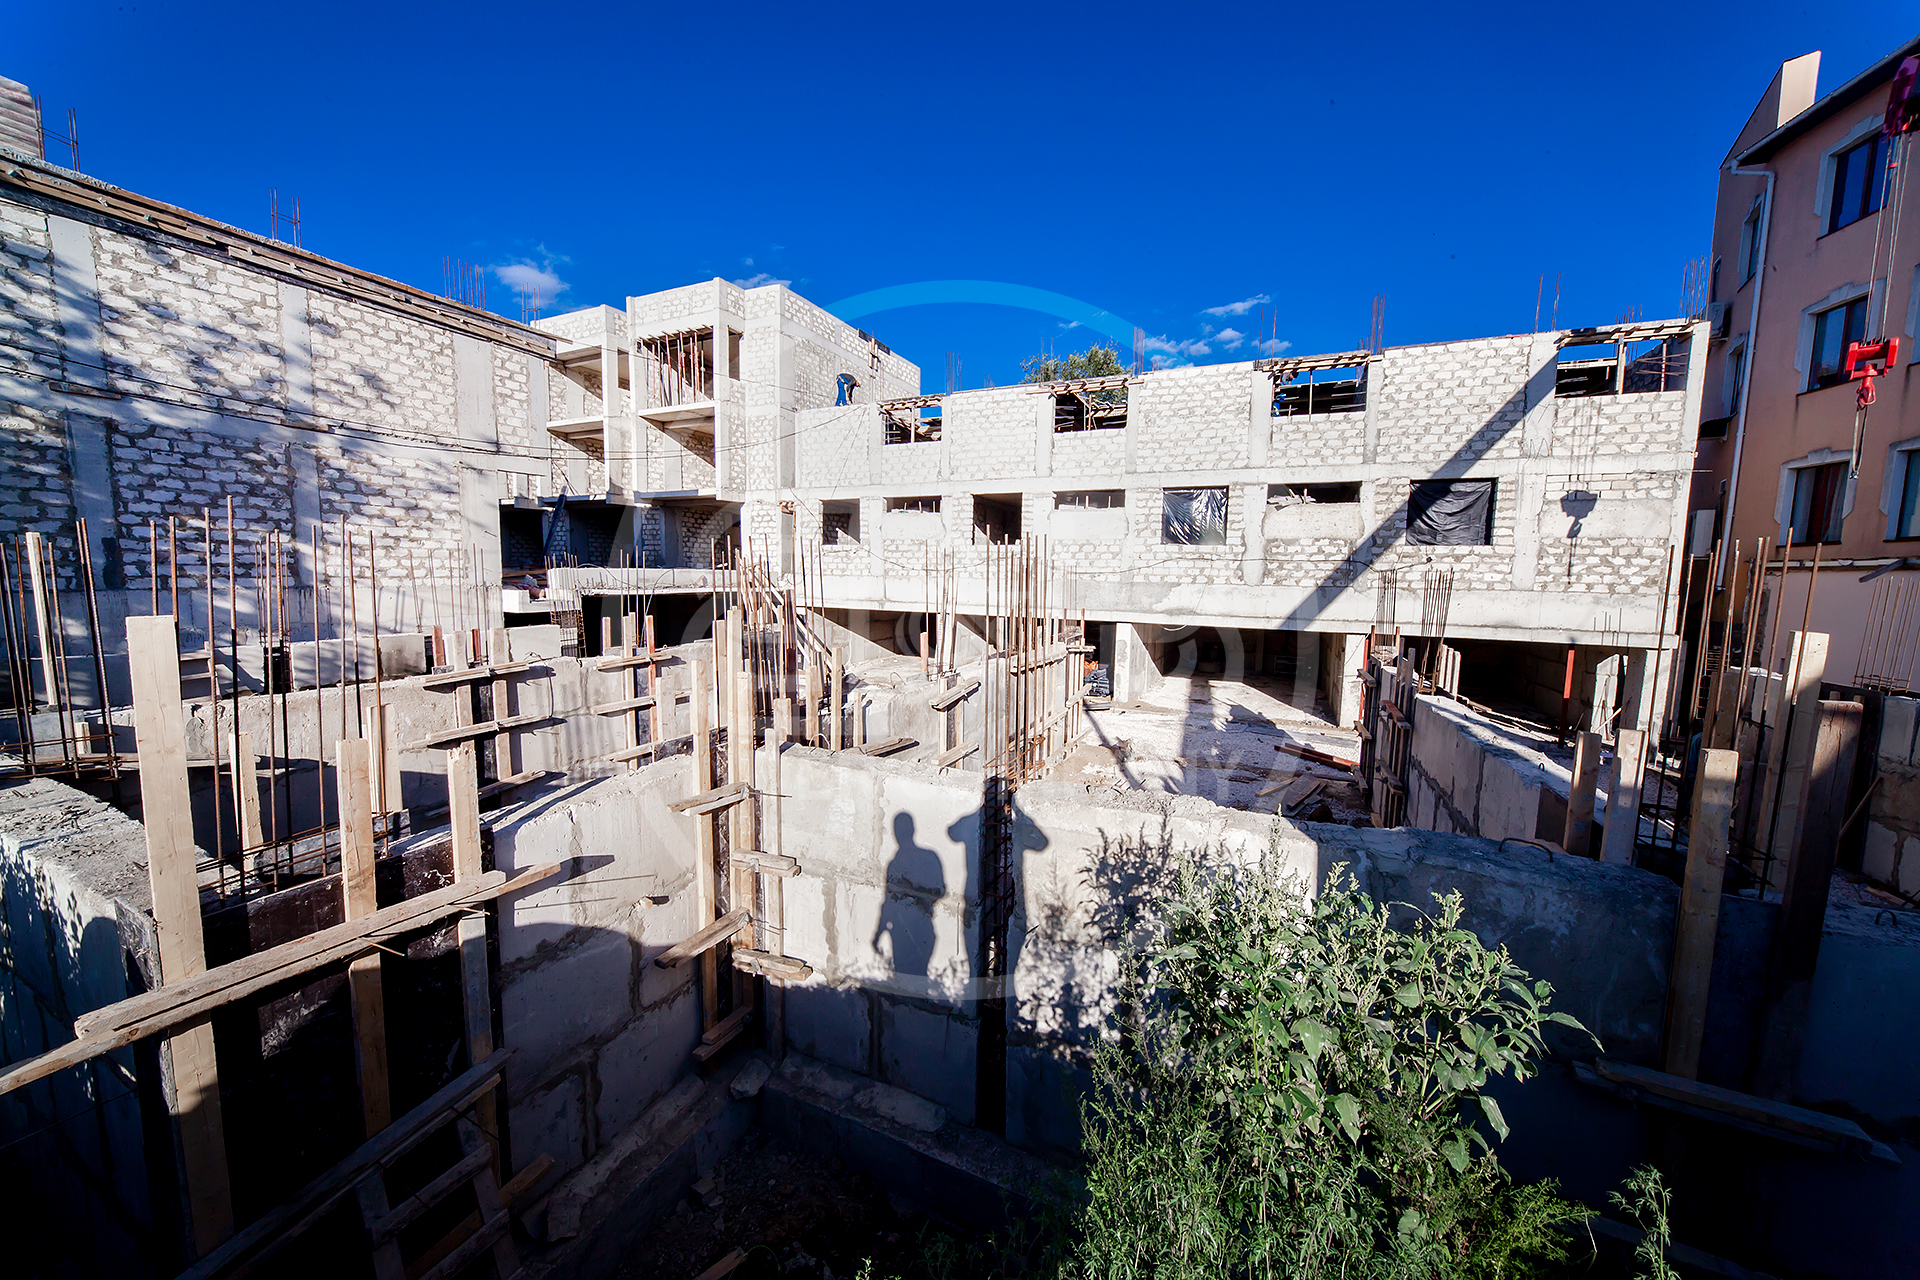 TownHouse !! Codru complex nou cu case de tip townhouse amplasare reușită variantă albă perfectă